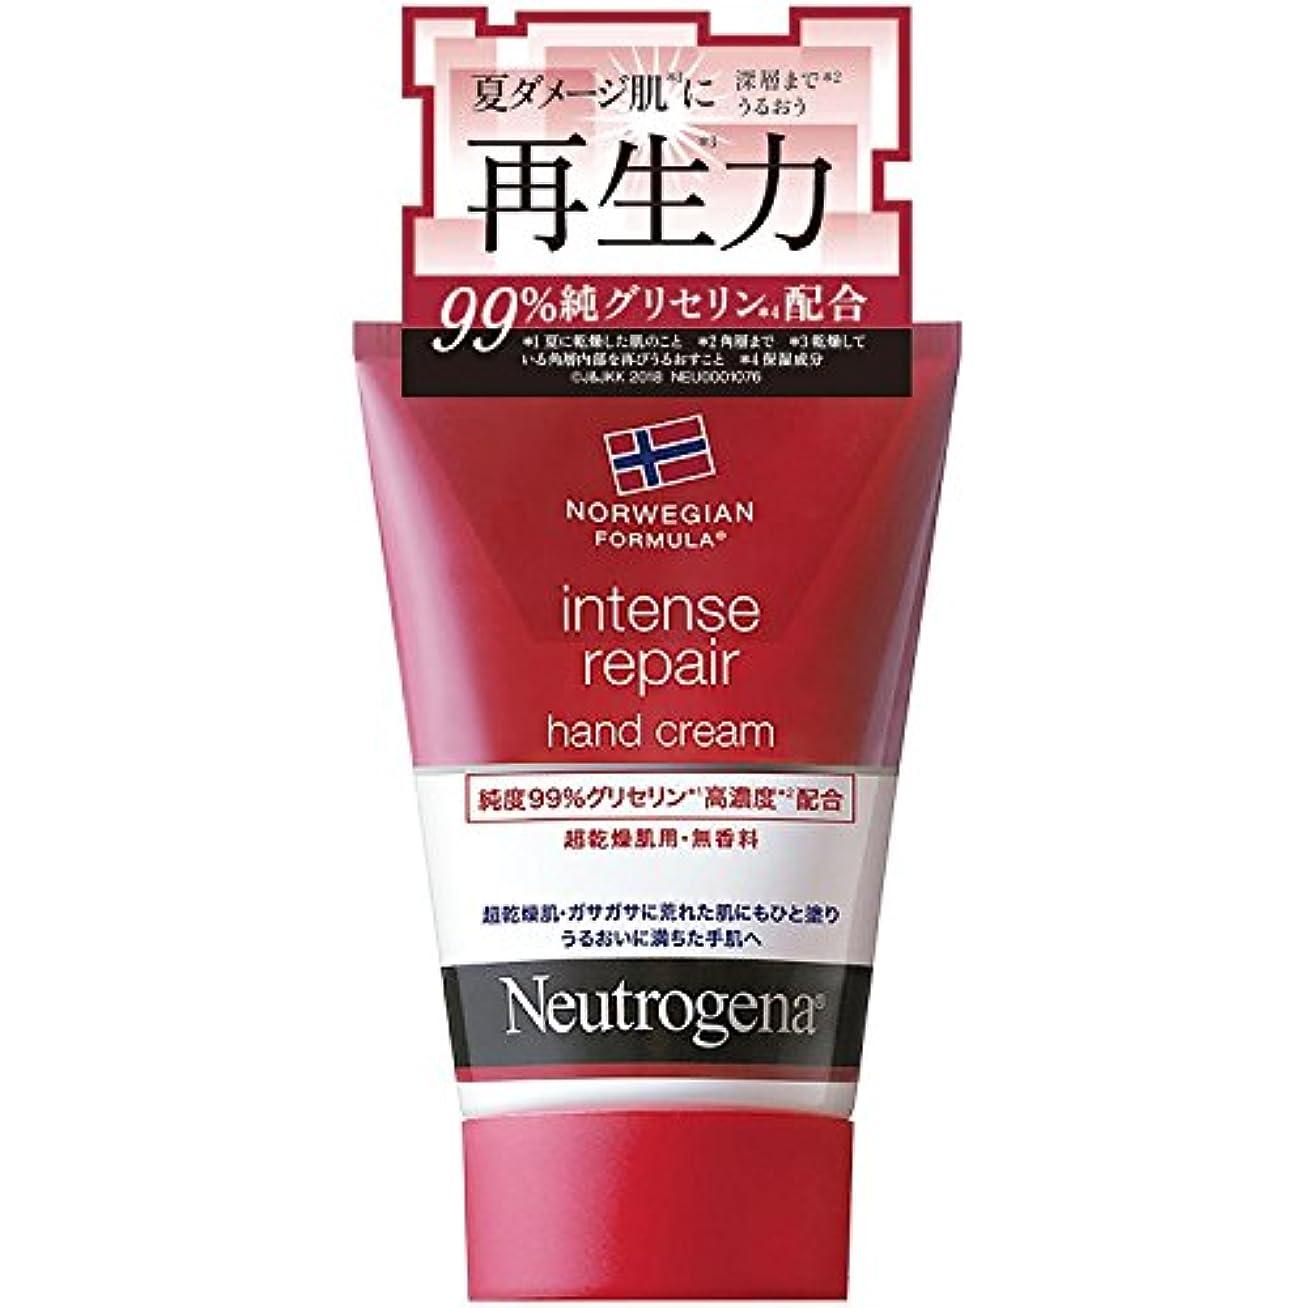 男性してはいけませんの量Neutrogena(ニュートロジーナ) ノルウェーフォーミュラ インテンスリペア ハンドクリーム 超乾燥肌用 無香料 単品 50g